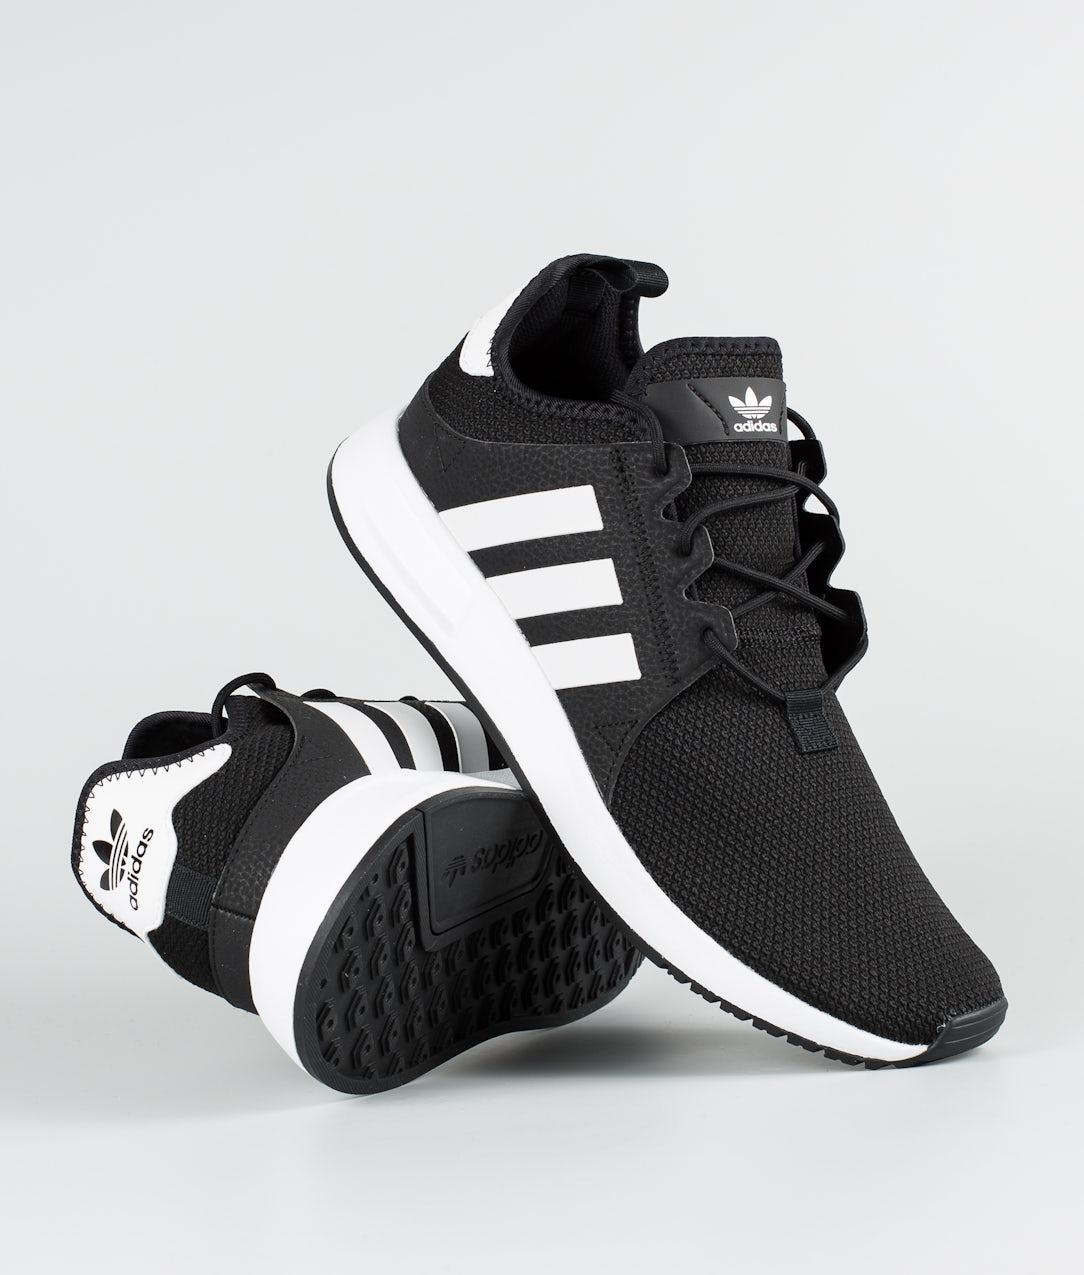 buy online 4bb57 5386d Adidas Originals X_Plr Shoes Core Black/Ftwr White/Core Black